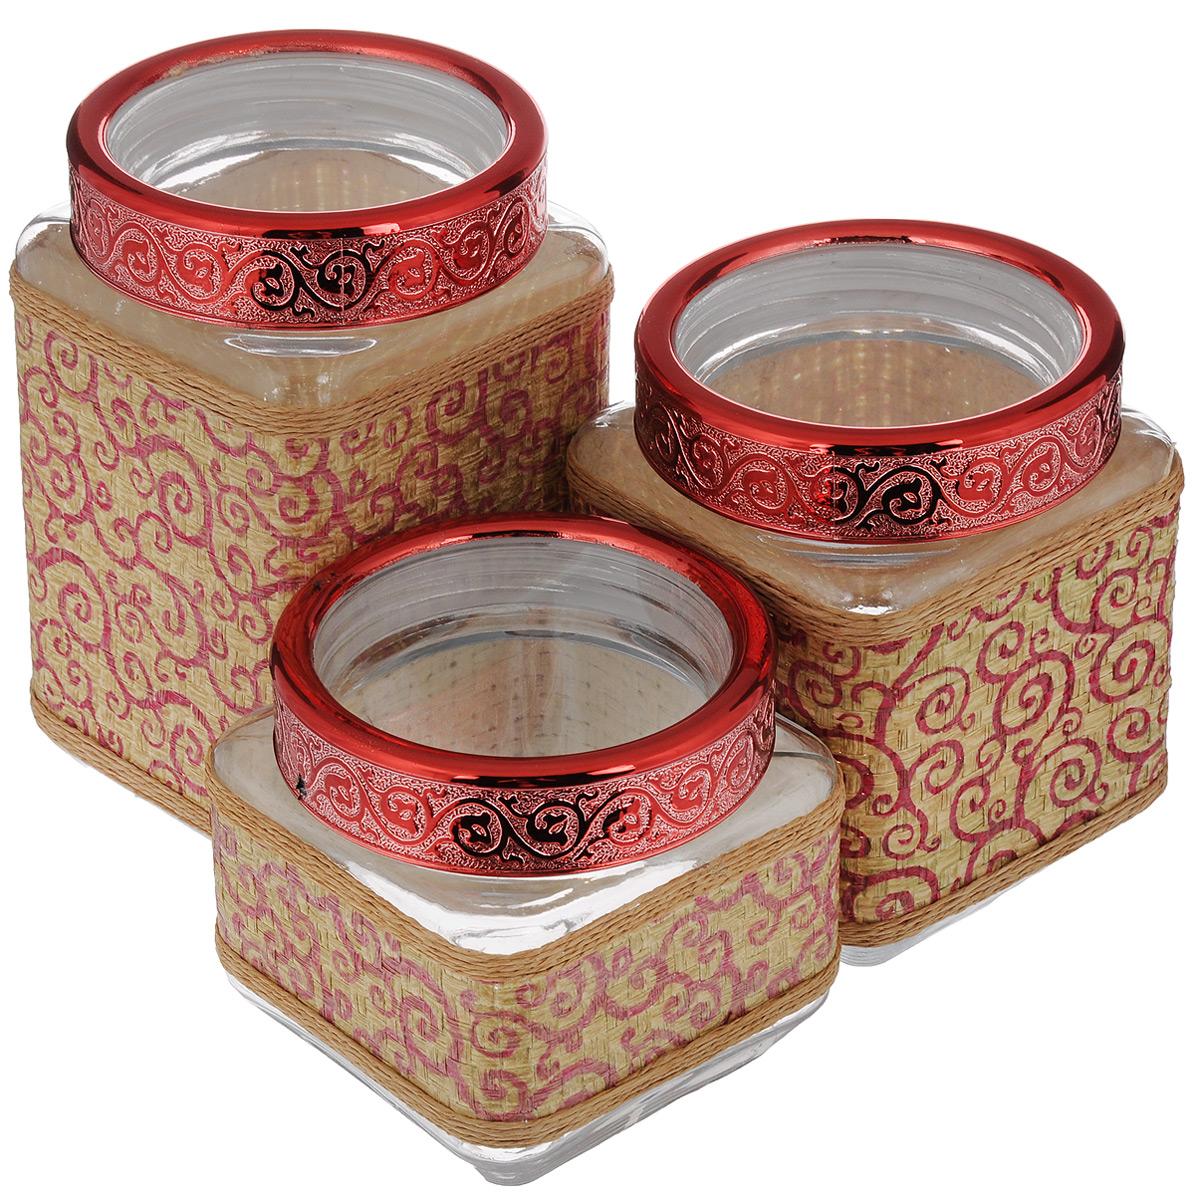 Набор банок для сыпучих продуктов Mayer & Boch, 3 шт. 2550925509Набор Mayer & Boch состоит из трех банок разного объема, предназначенных для хранения сыпучих продуктов. Банки выполнены из высококачественного стекла и декорированы оригинальными вставками из соломы и полиуретана. Крышки из АБС пластика декорированы изысканным рельефом. Банки прекрасно подходят для круп, орехов, сухофруктов, чая, кофе, сахара и других сыпучих продуктов. Герметичное закрытие позволяет сохранить продукты свежими. Оригинальный дизайн стильно дополнит интерьер кухни. Такой набор станет желанным подарком для любой хозяйки. Объем банок: 770 мл, 1,15 л, 1,6 л. Размер банок: 11 х 11 х 11 см; 11 х 11 х 15 см; 11 х 11 х 19 см.